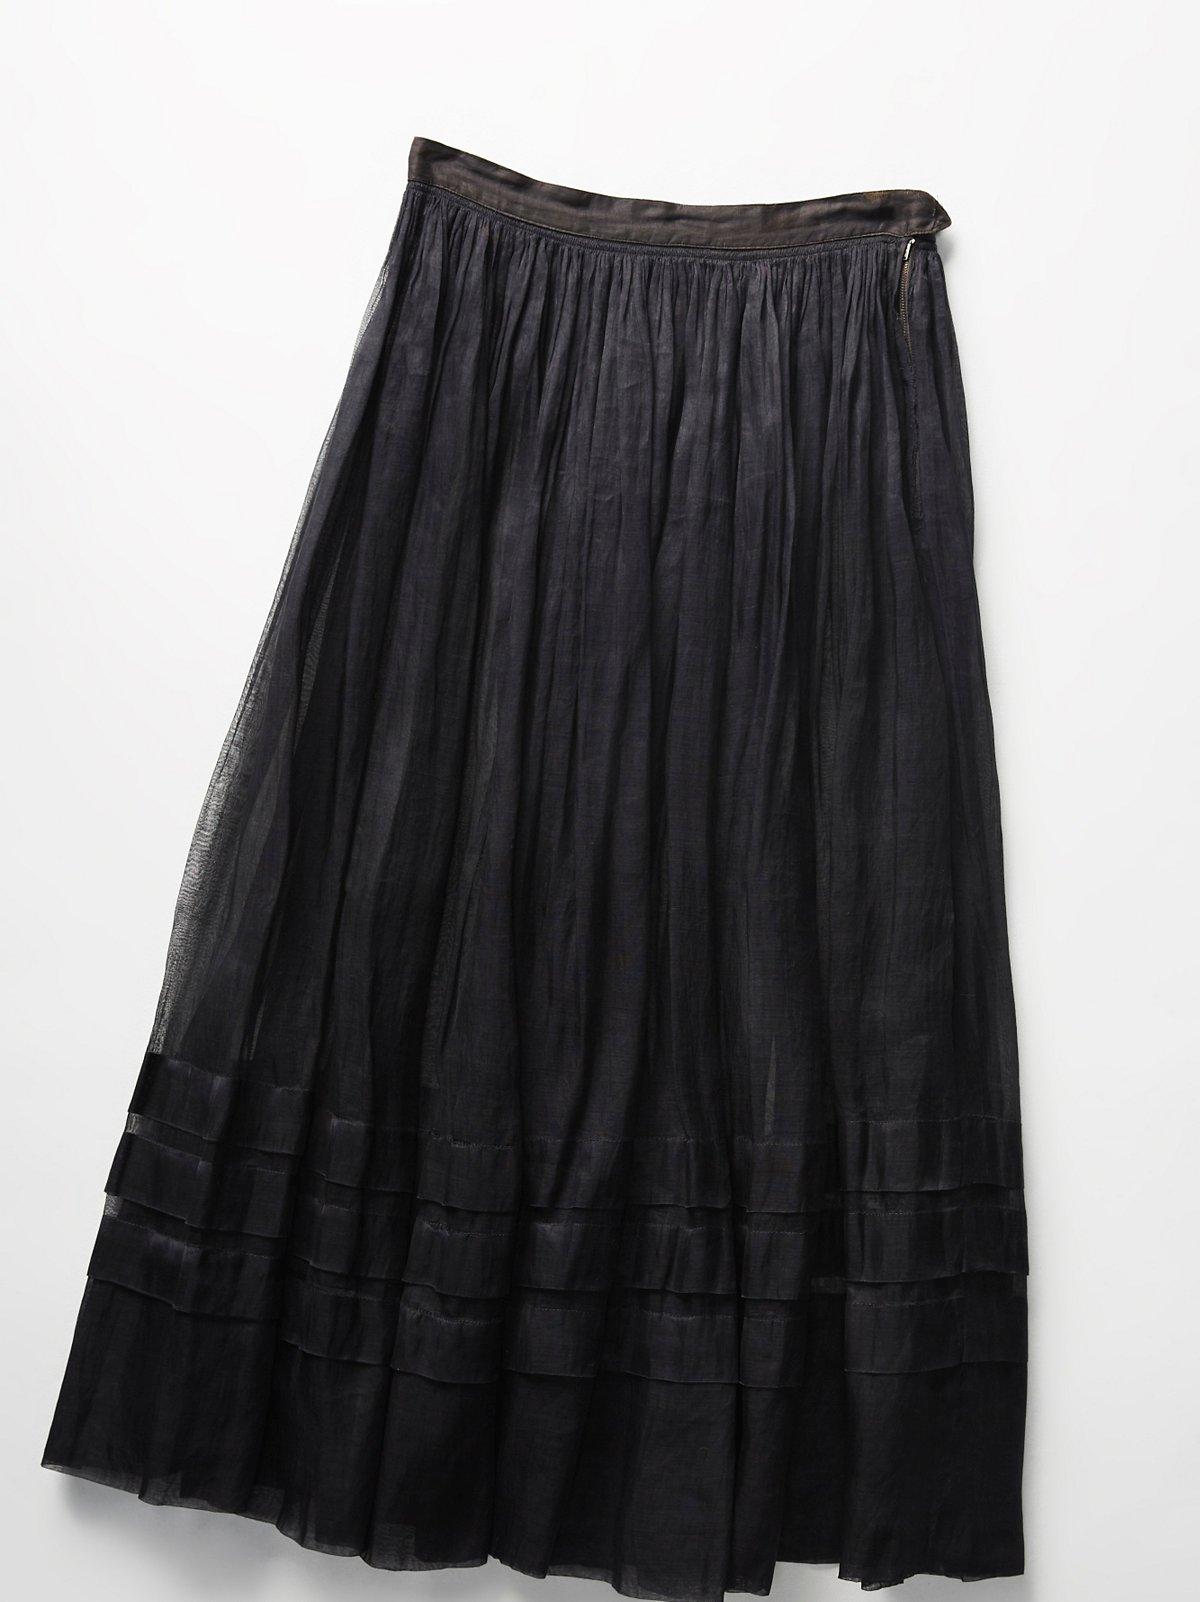 Vintage 1910s Petticoat